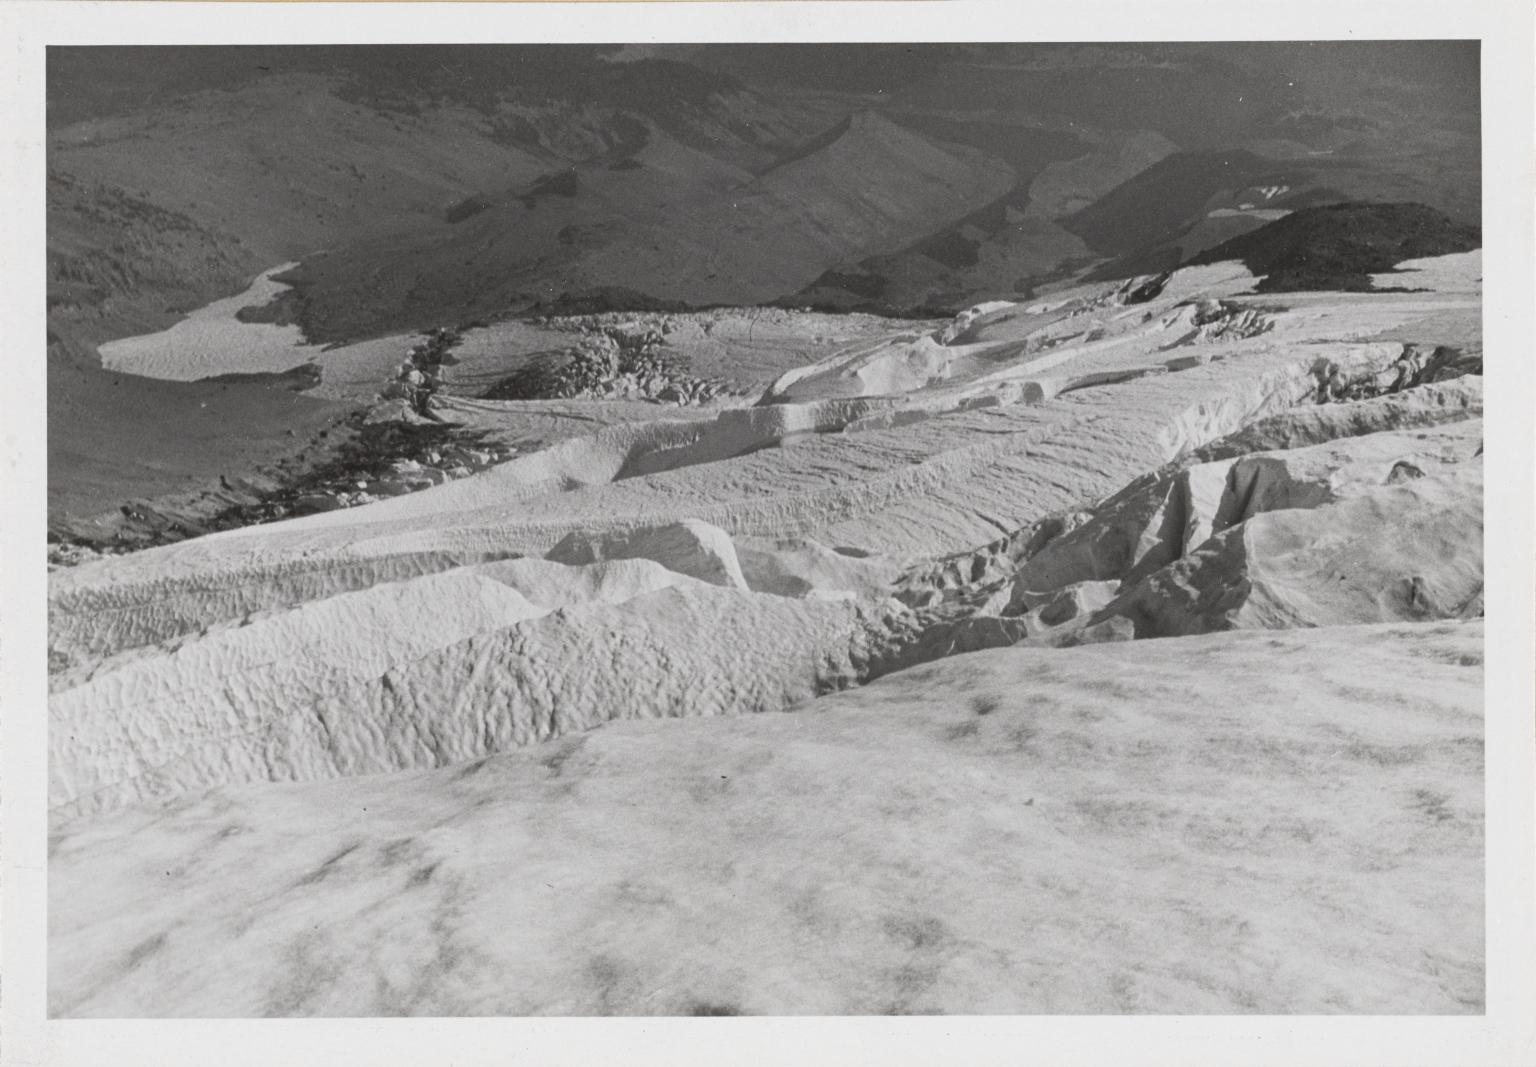 White River Glacier, Oregon